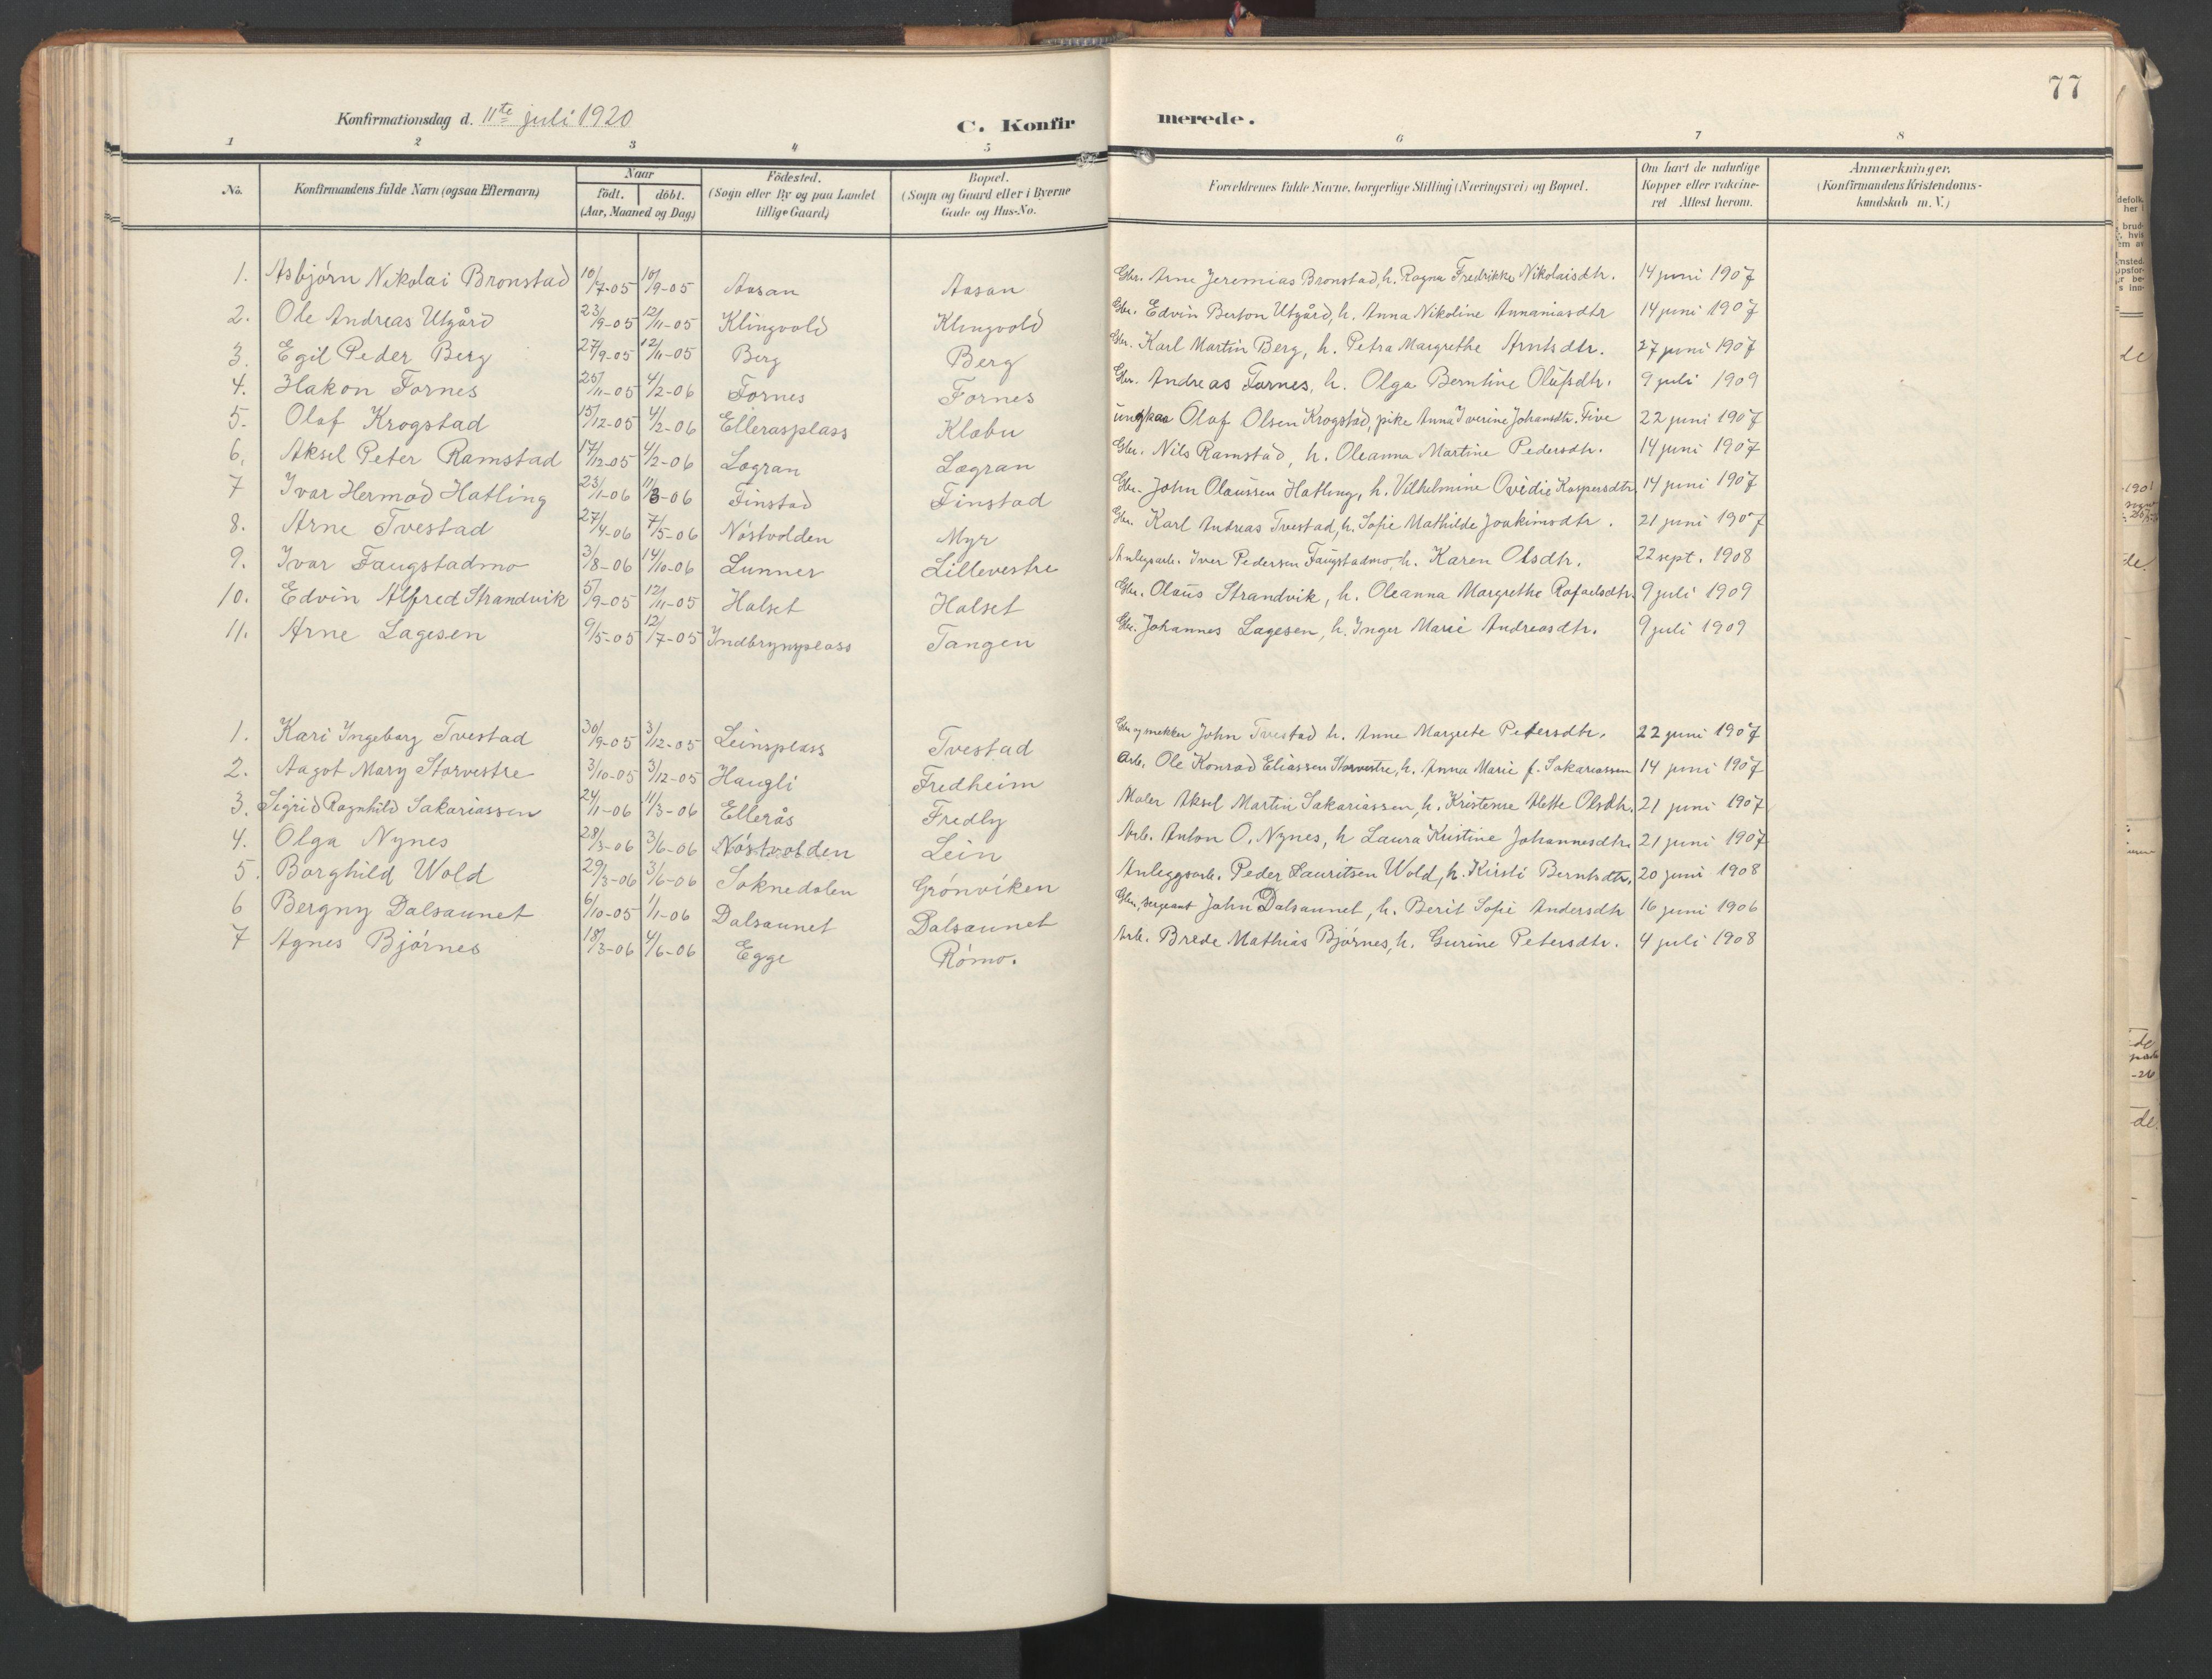 SAT, Ministerialprotokoller, klokkerbøker og fødselsregistre - Nord-Trøndelag, 746/L0455: Klokkerbok nr. 746C01, 1908-1933, s. 77